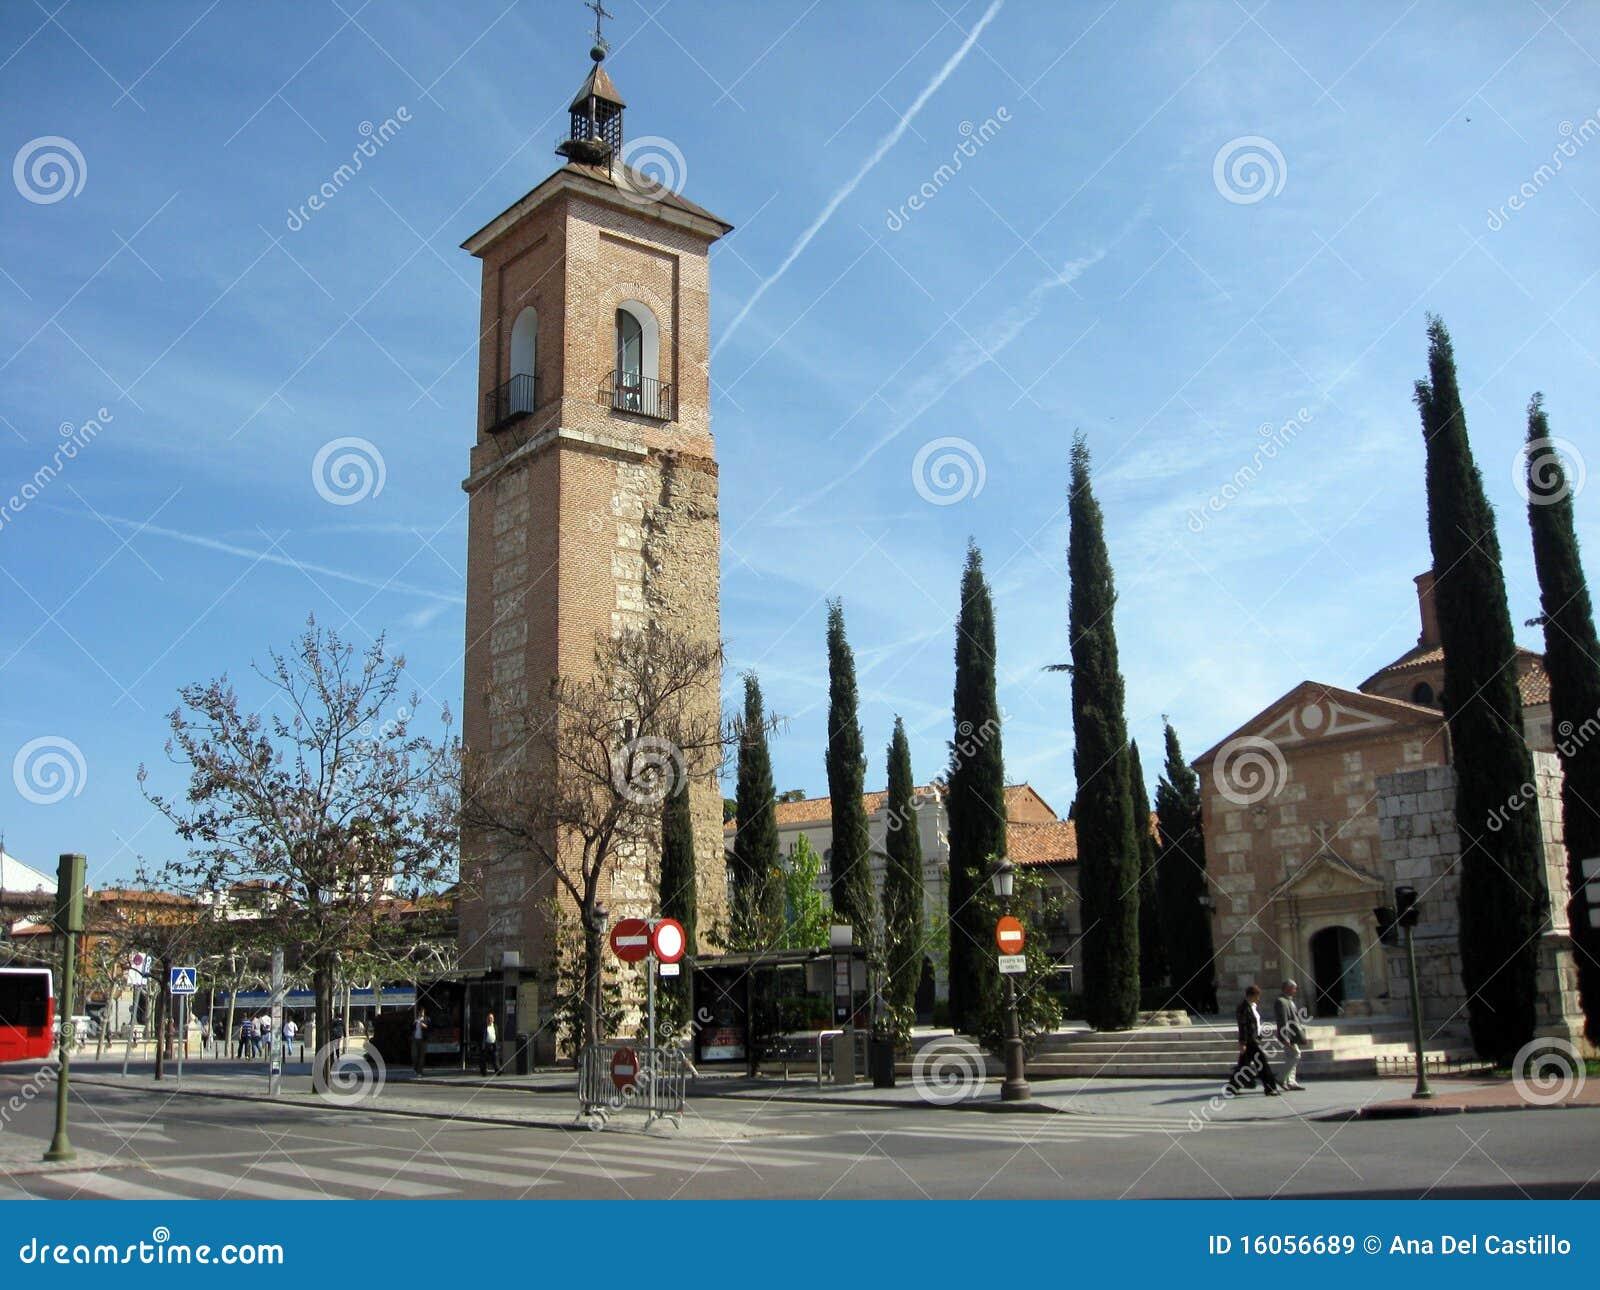 Alcala de henares madrid province spain europe stock image - Cristalerias alcala de henares ...